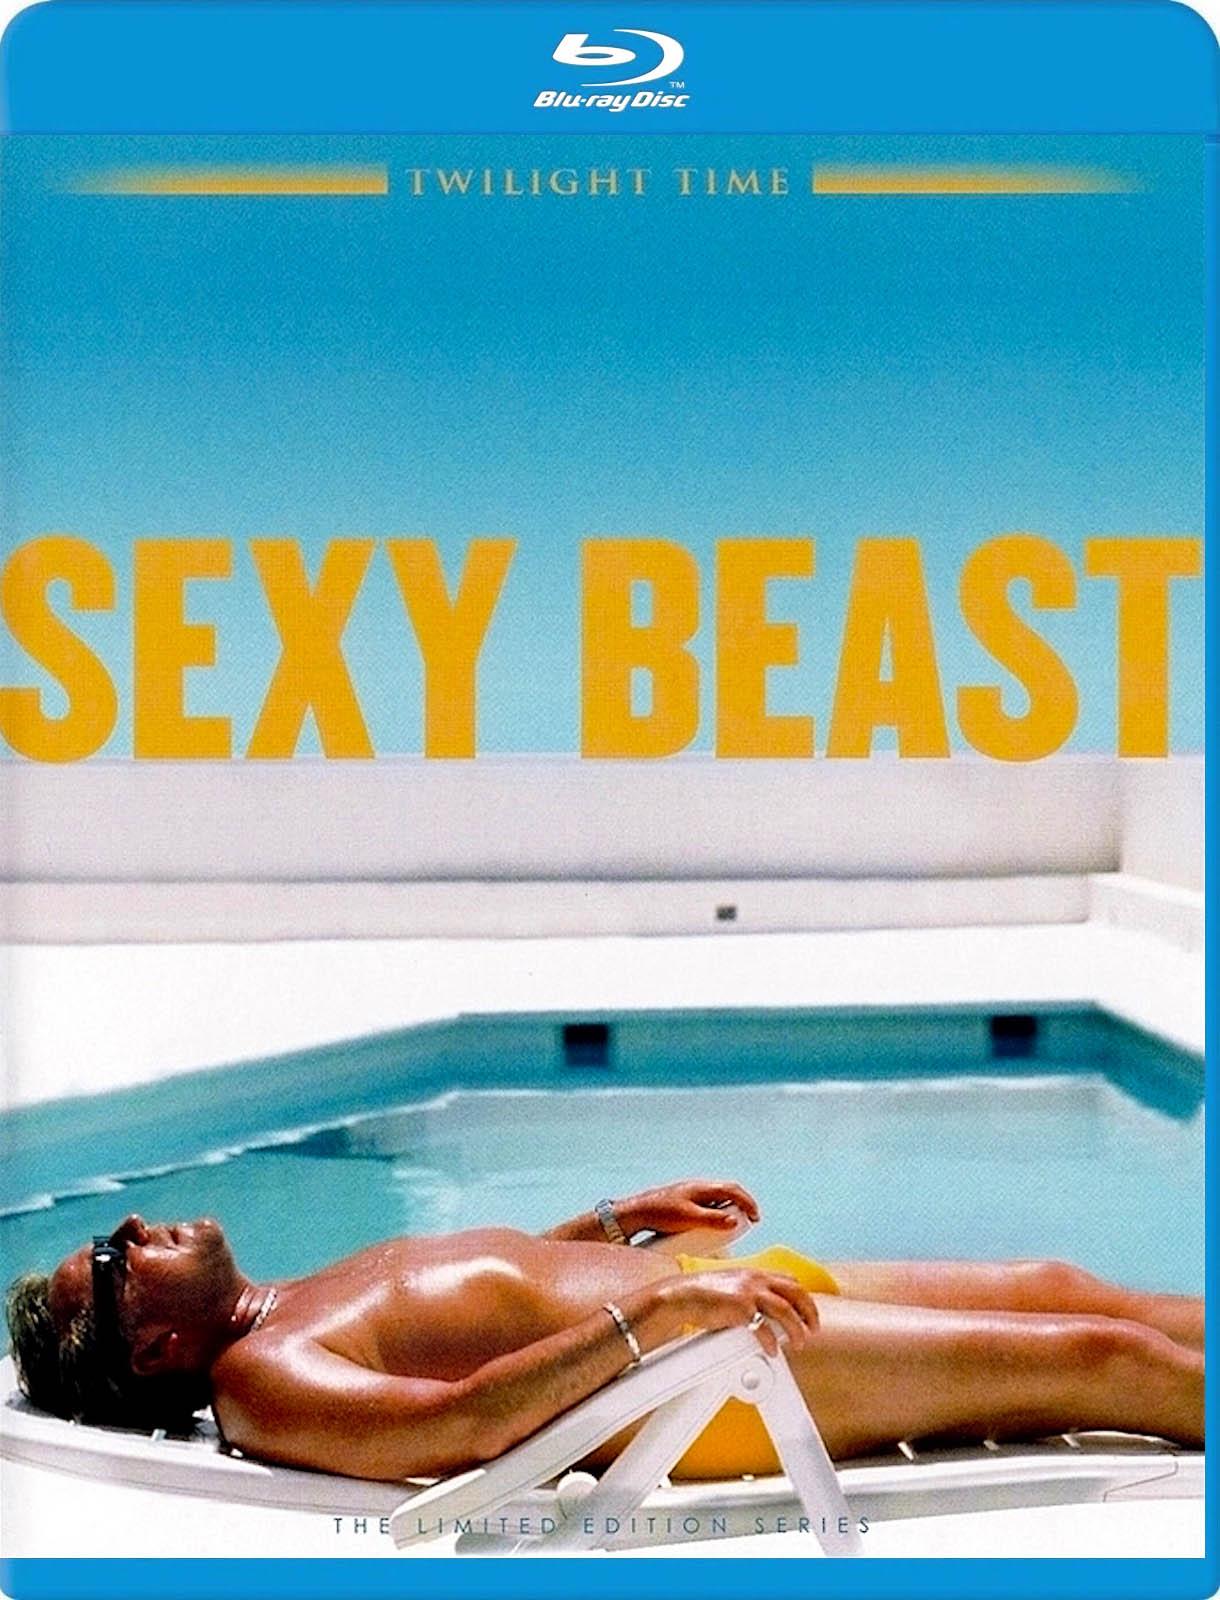 Blu-ray Review: Sexy Beast - Slant Magazine